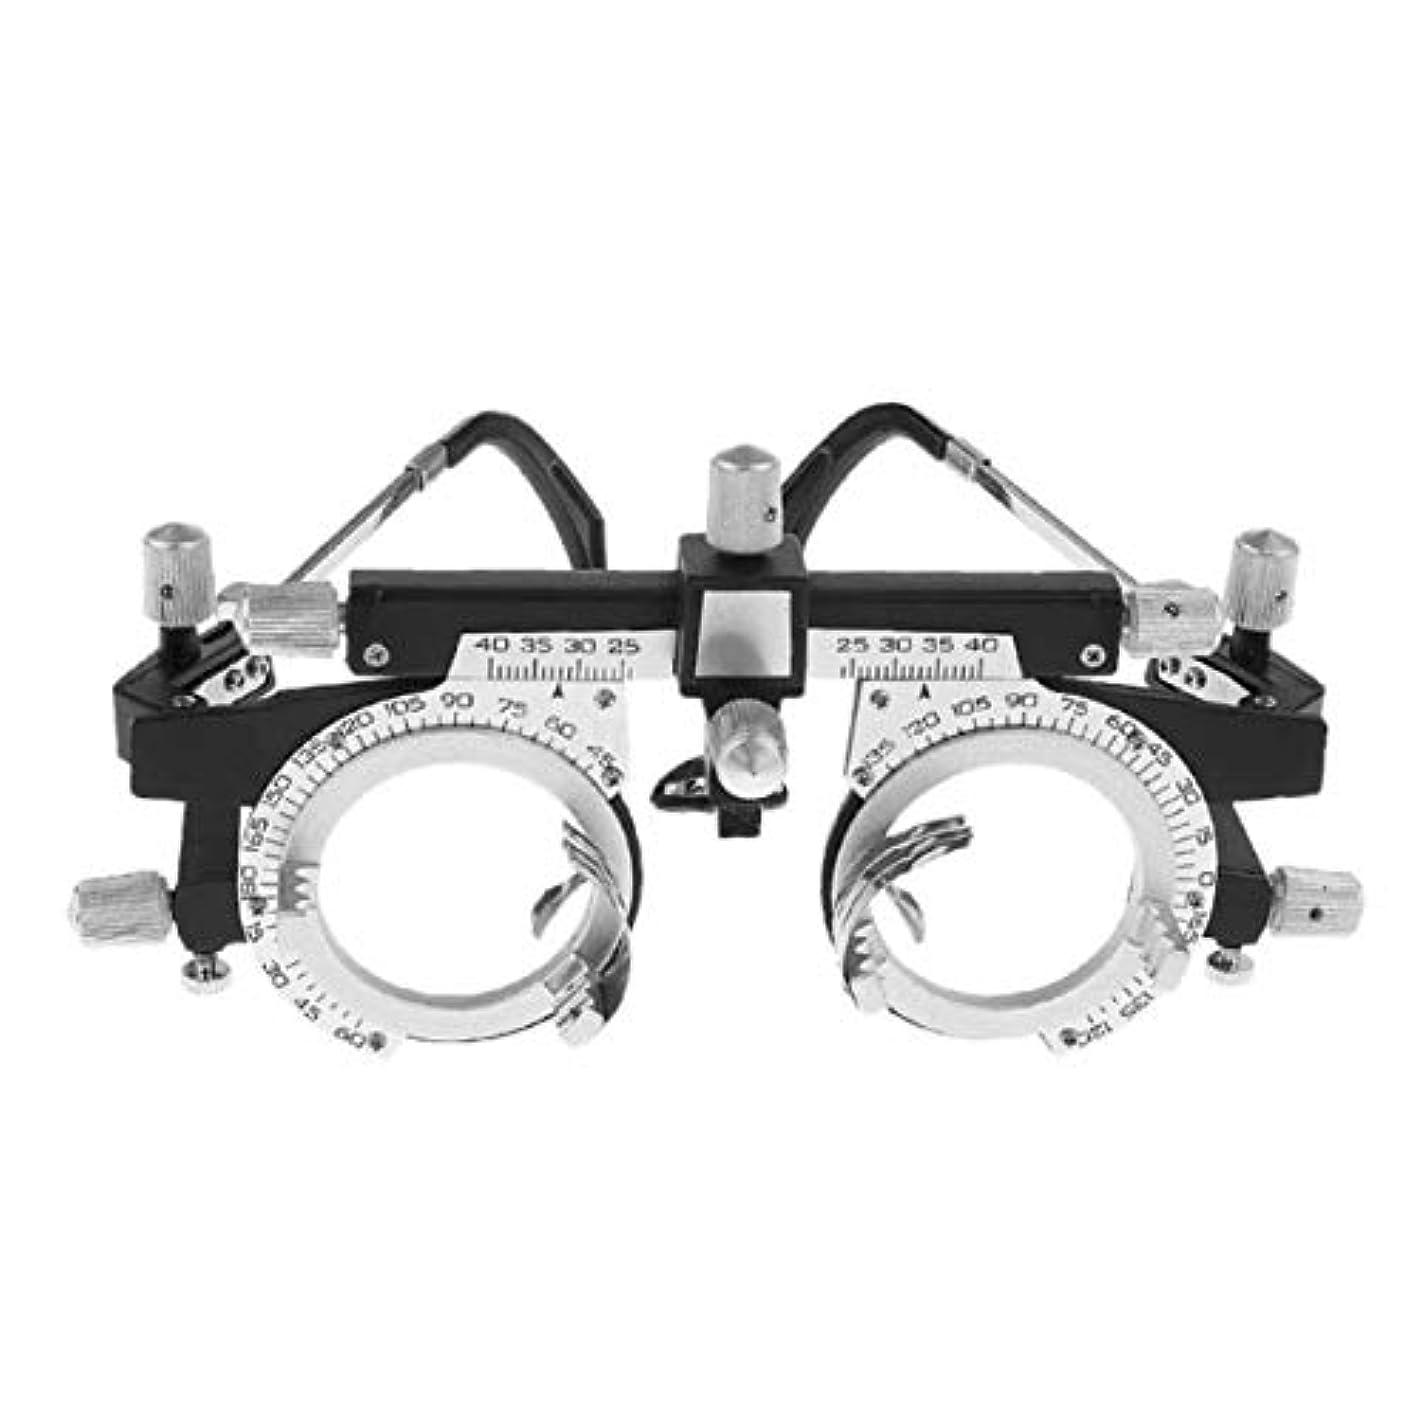 放牧する整理する歯科医調節可能なプロフェッショナルアイウェア検眼メタルフレーム光学オプティクストライアルレンズメタルフレームPDメガネアクセサリー - シルバー&ブラック